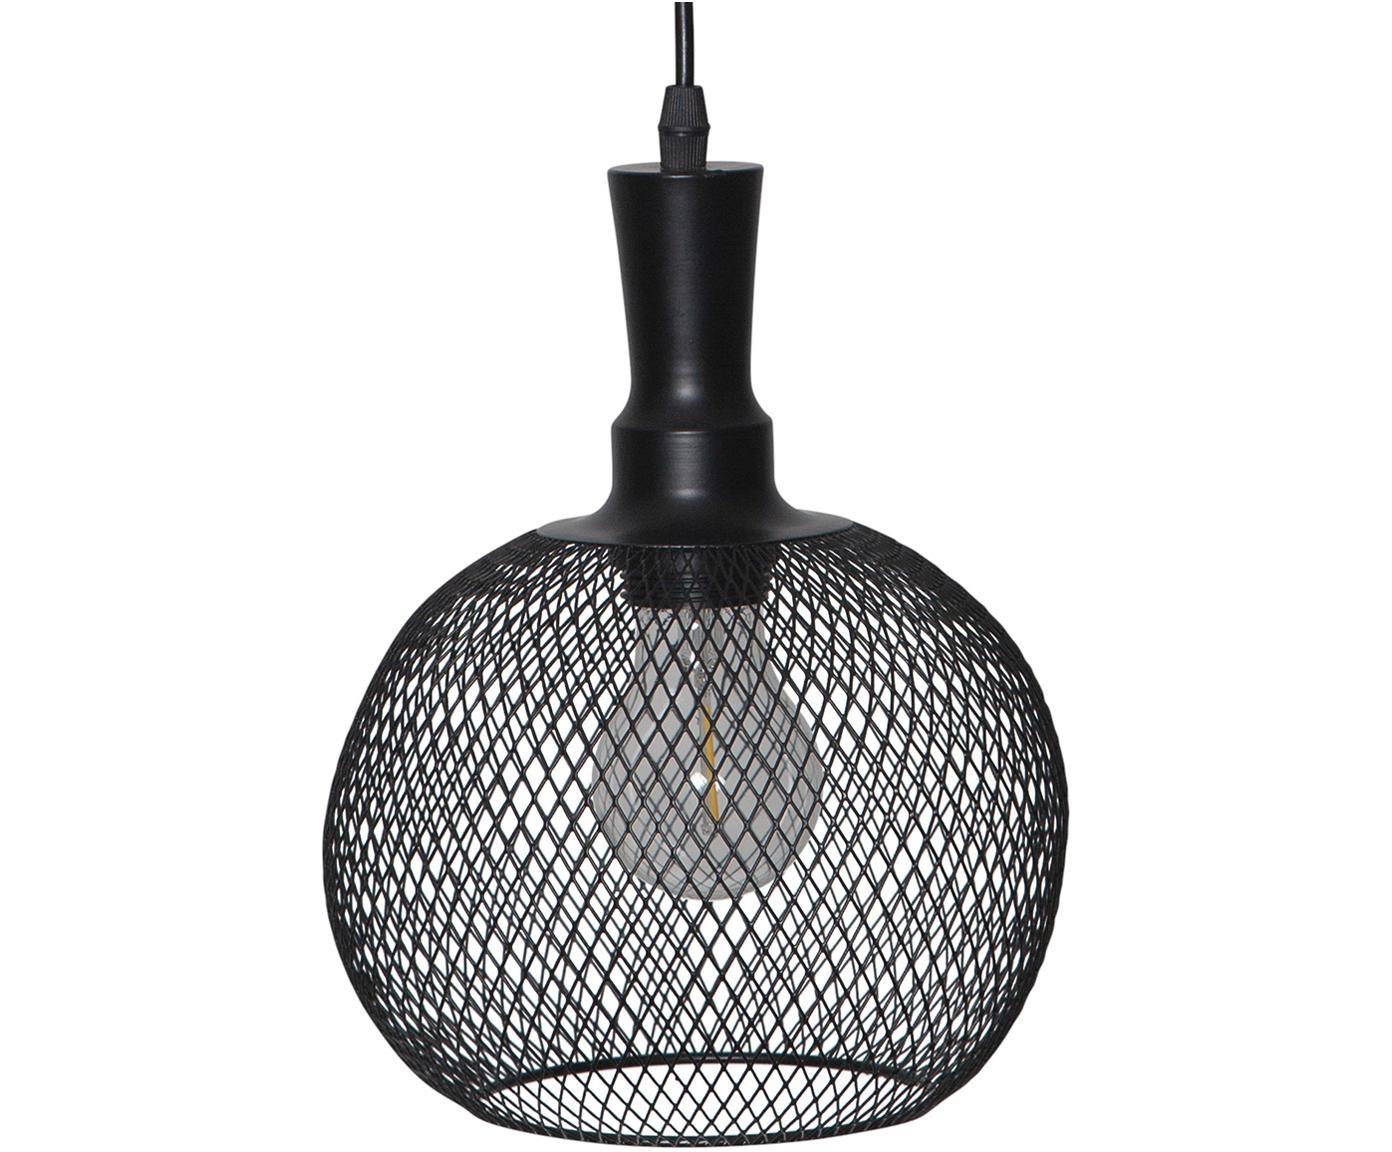 LED Solar-Außenleuchte Sunlight, Schwarz, Ø 19 x H 24 cm